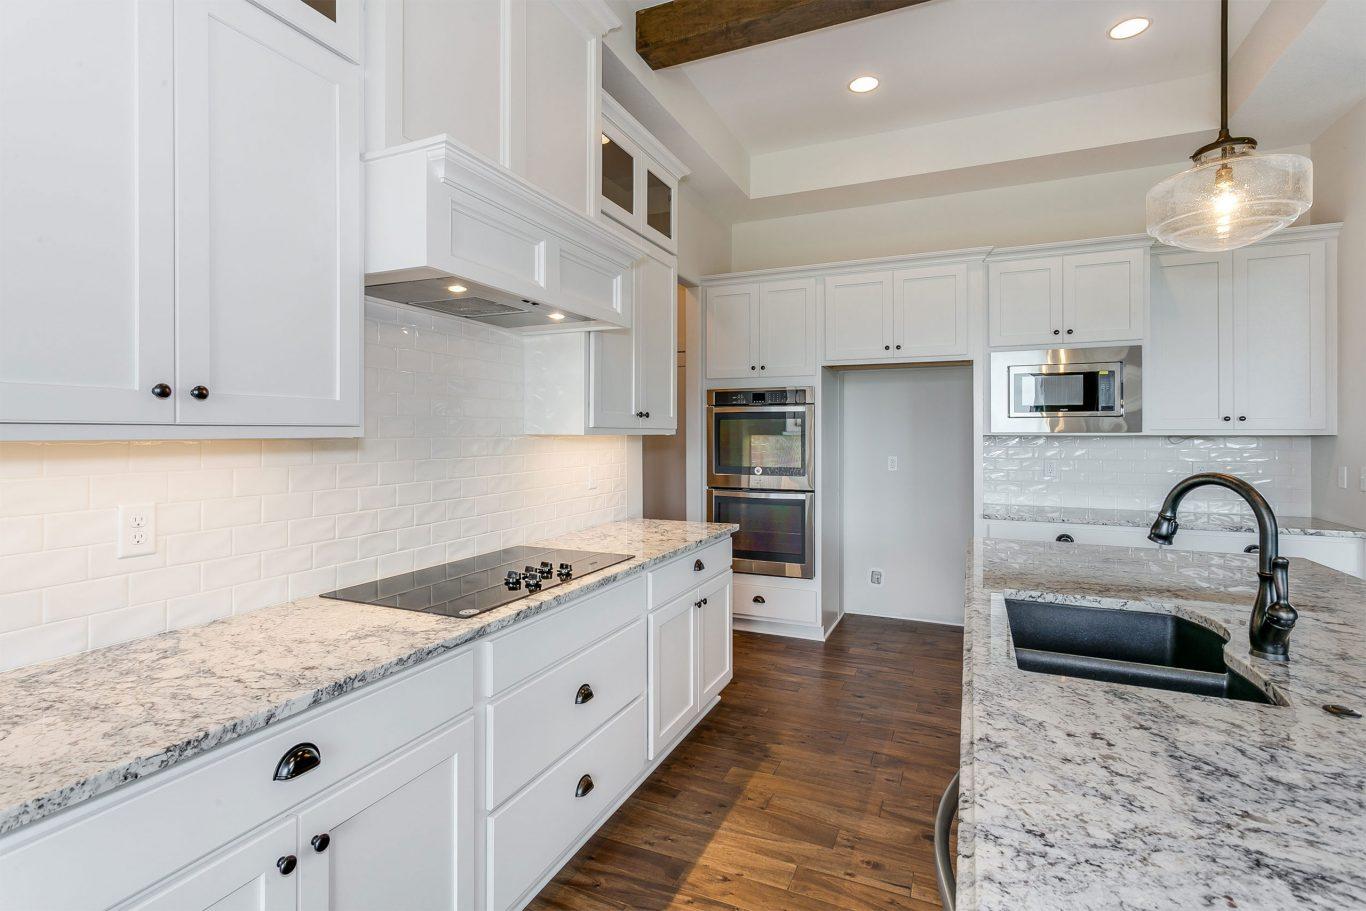 2411 N. Silverdale - kitchen